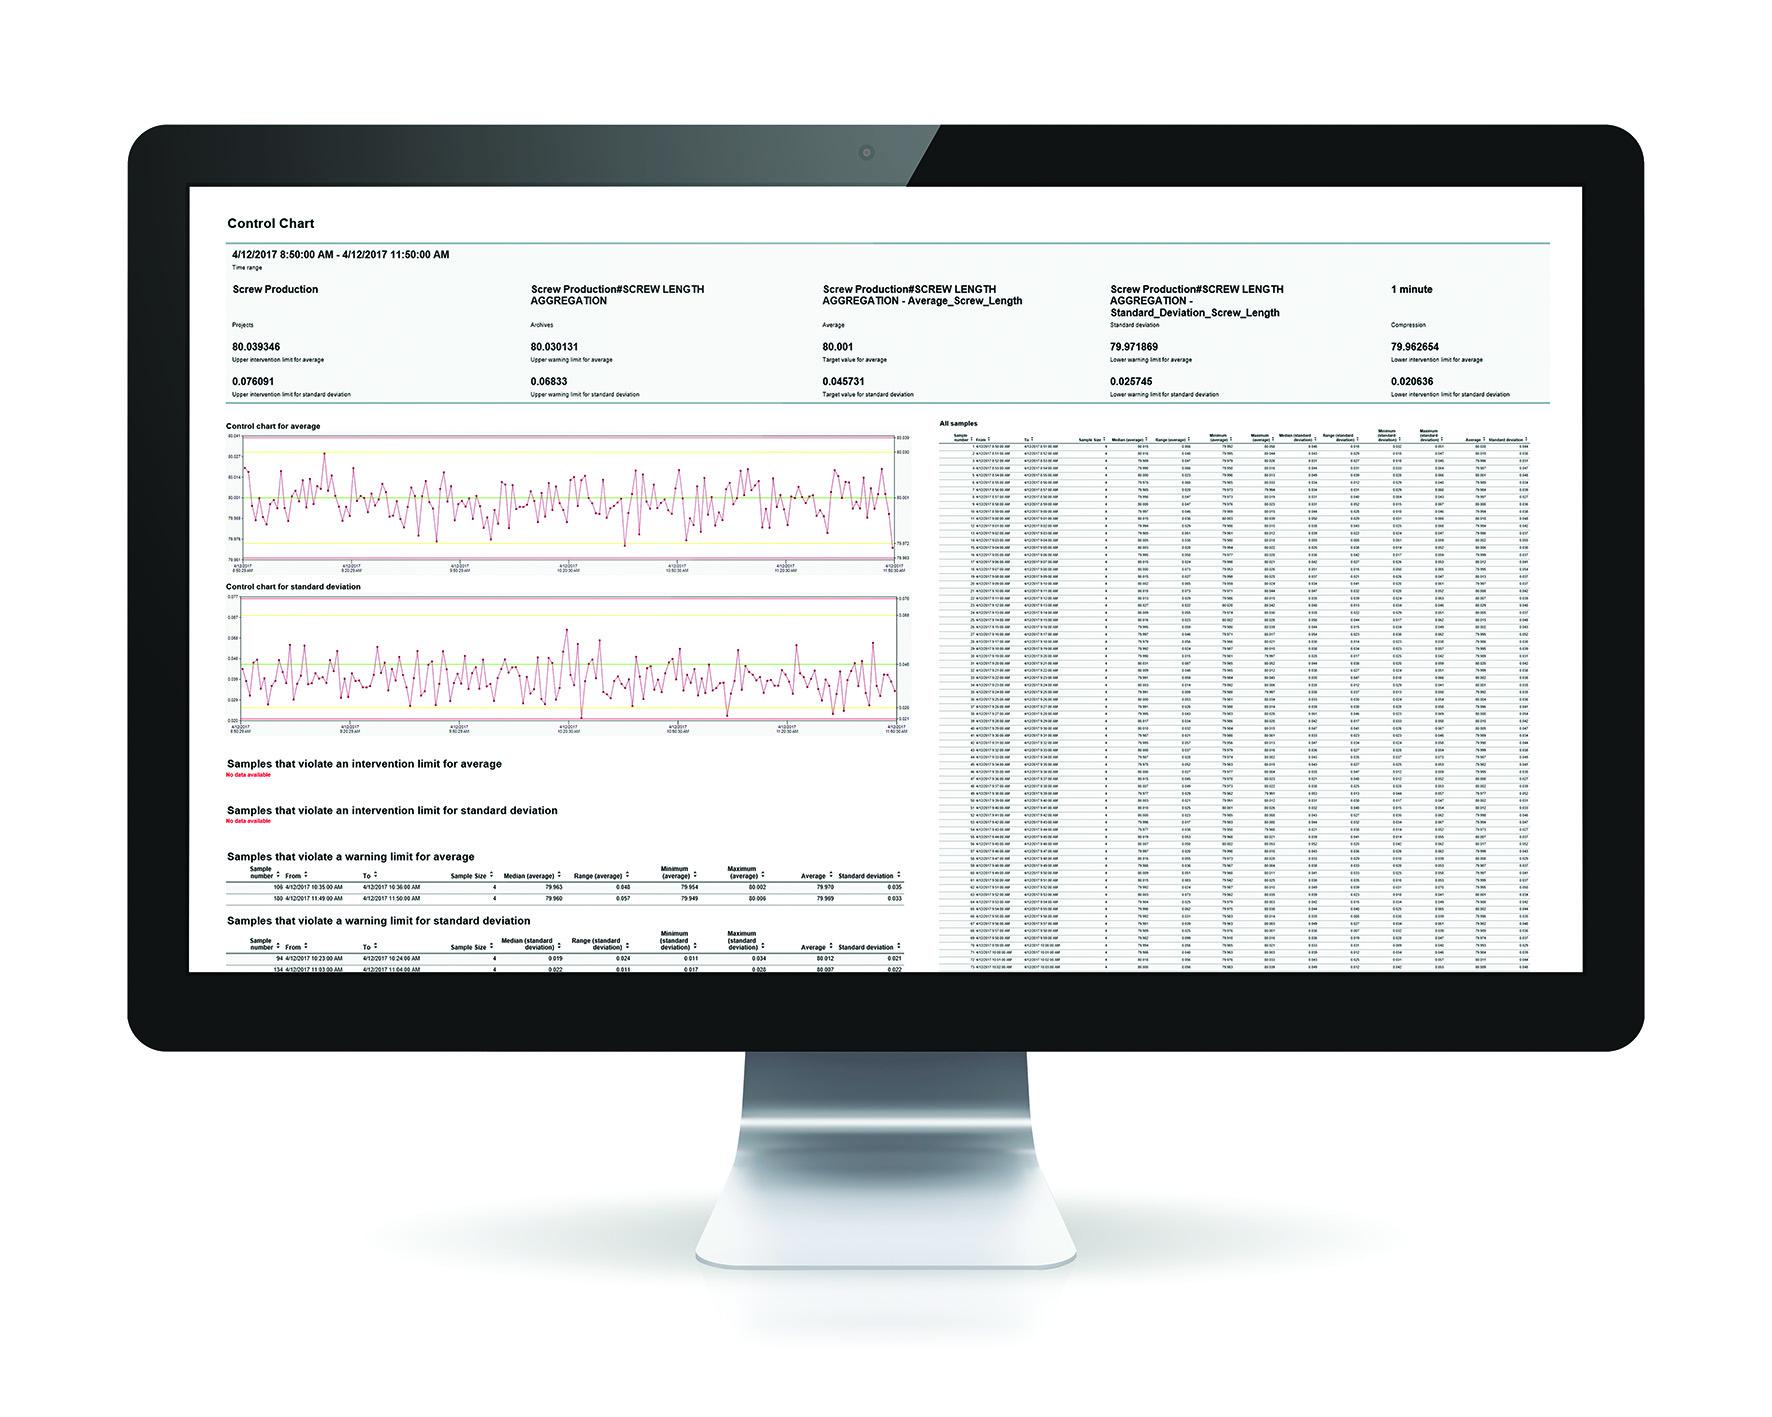 Oprogramowanie zenon Analyzer 3.20 pozwala tworzyć i analizować najczęściej stosowane raporty SPC.